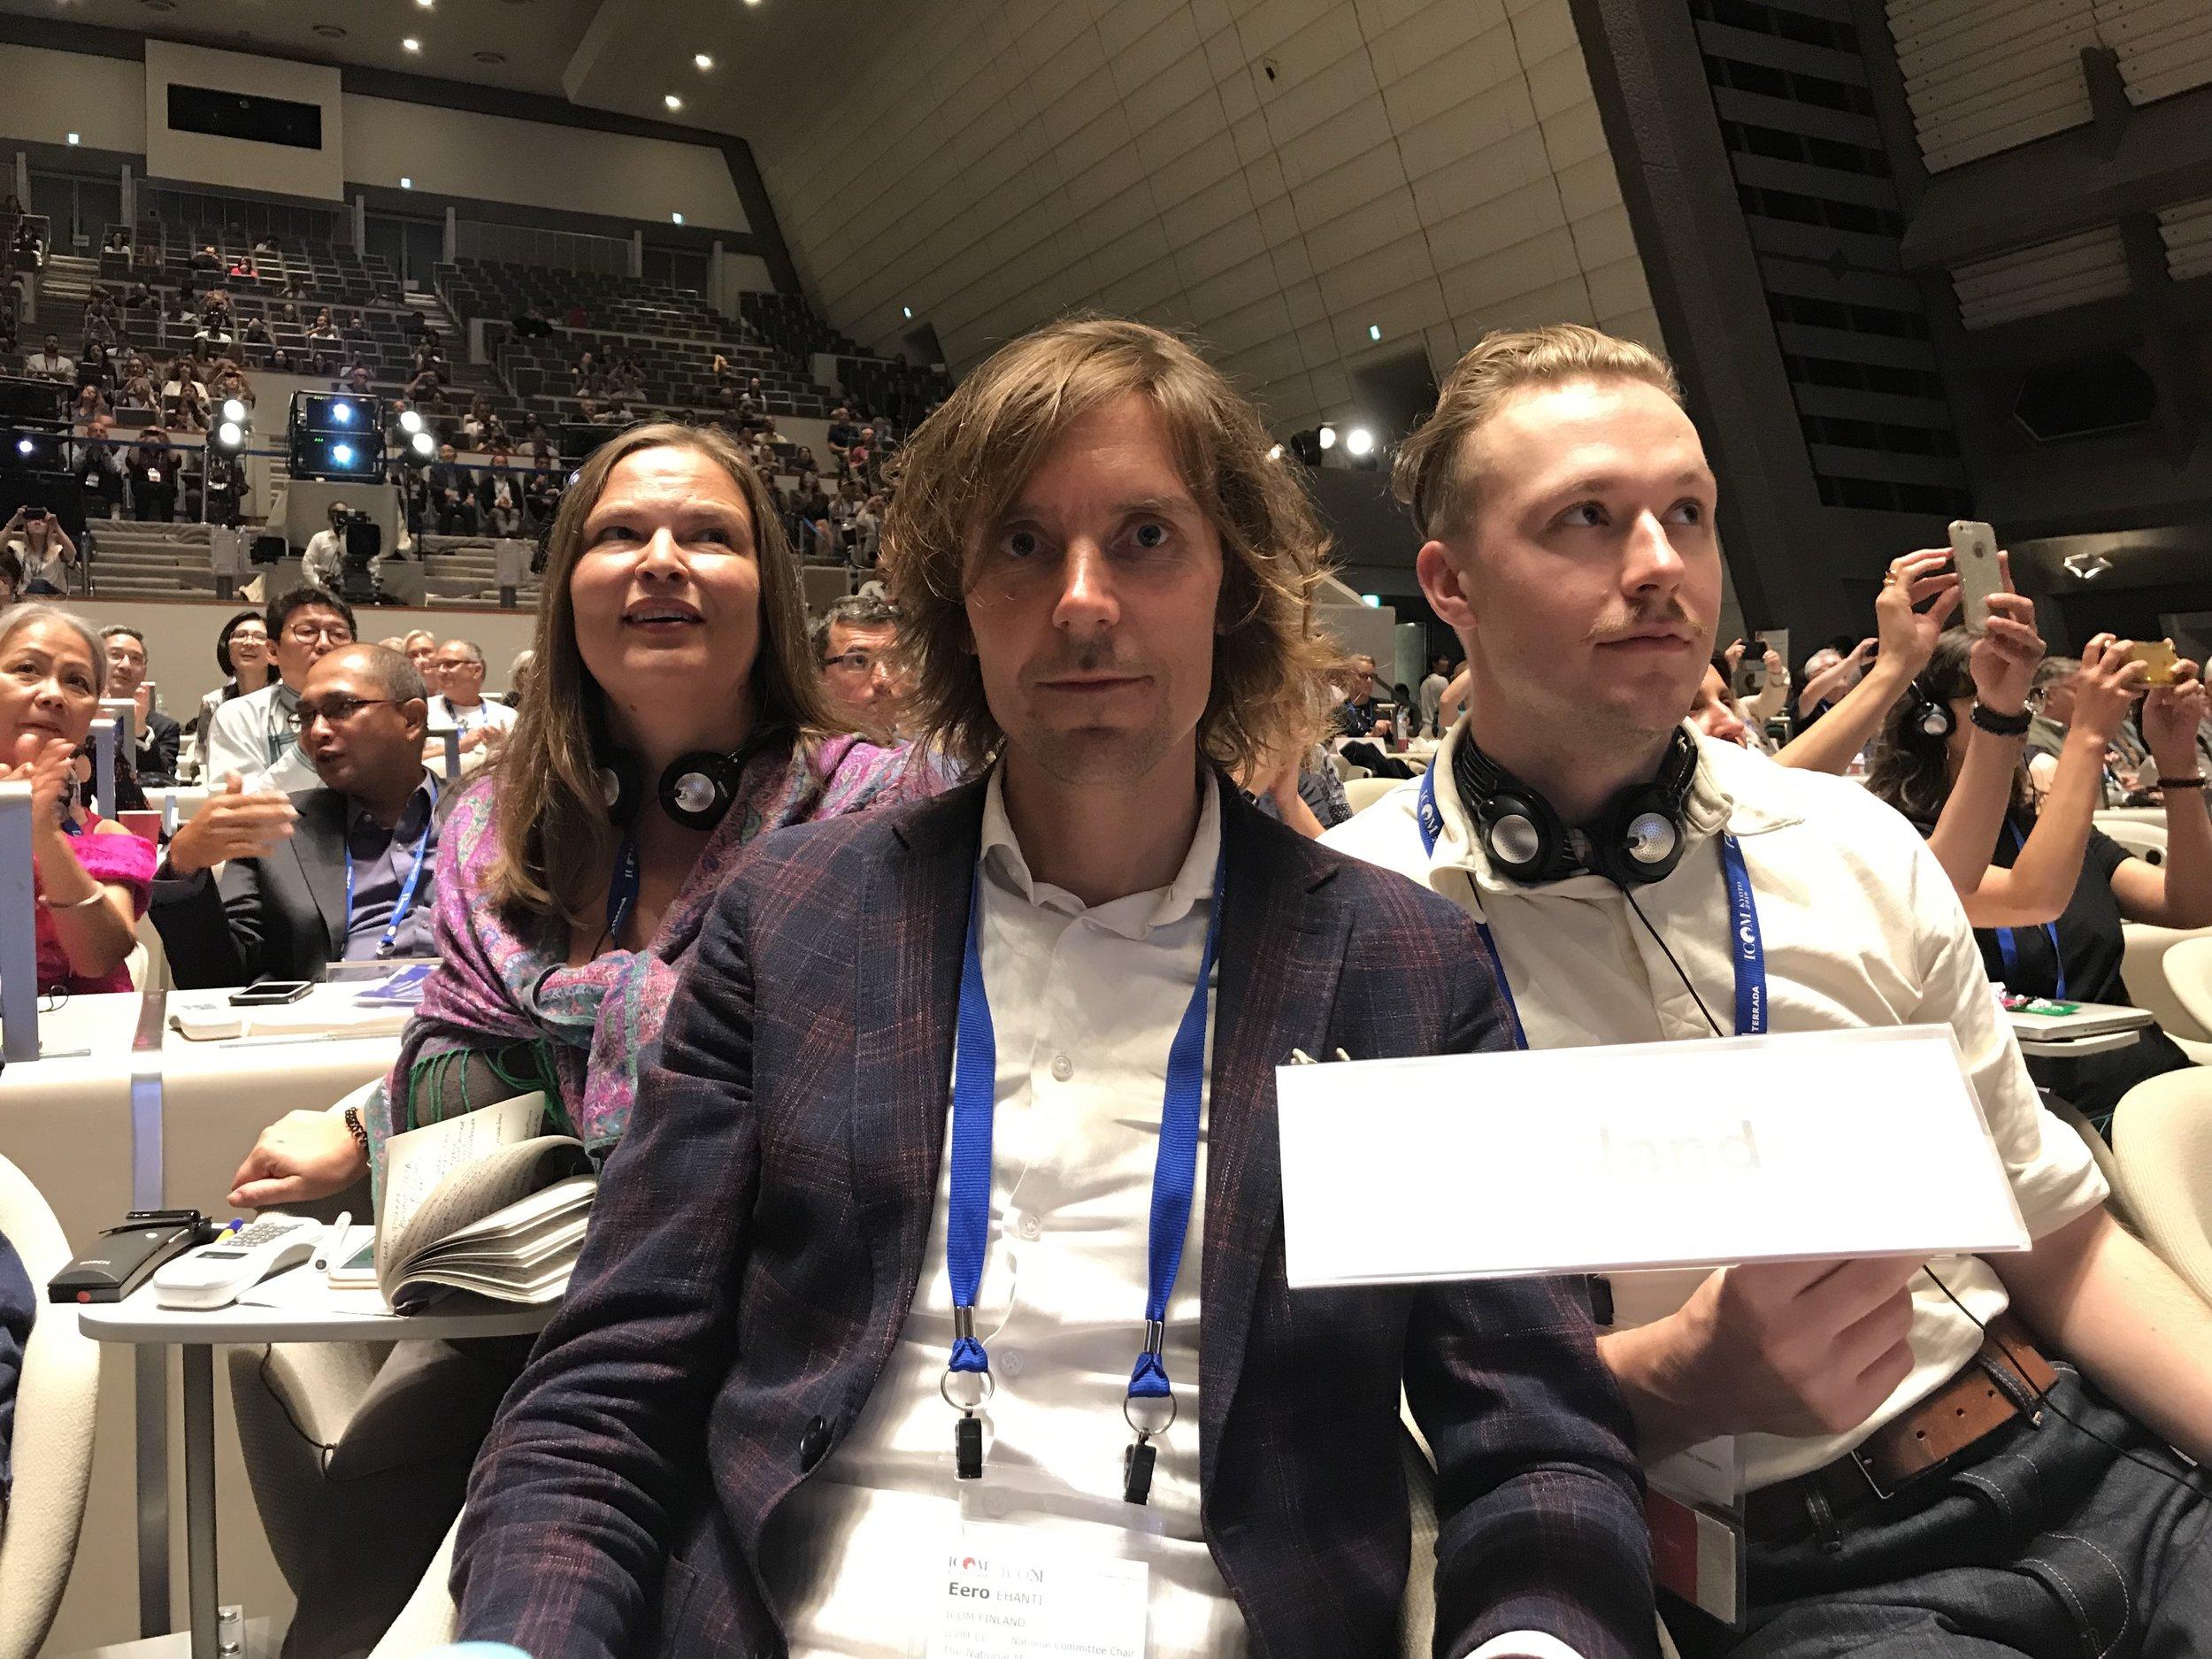 Äänestystuloksia odotellessa ikuistettiin monia osanottajia. Kuvan ottamishetkellä julkaistiin äänestyksen tulos.